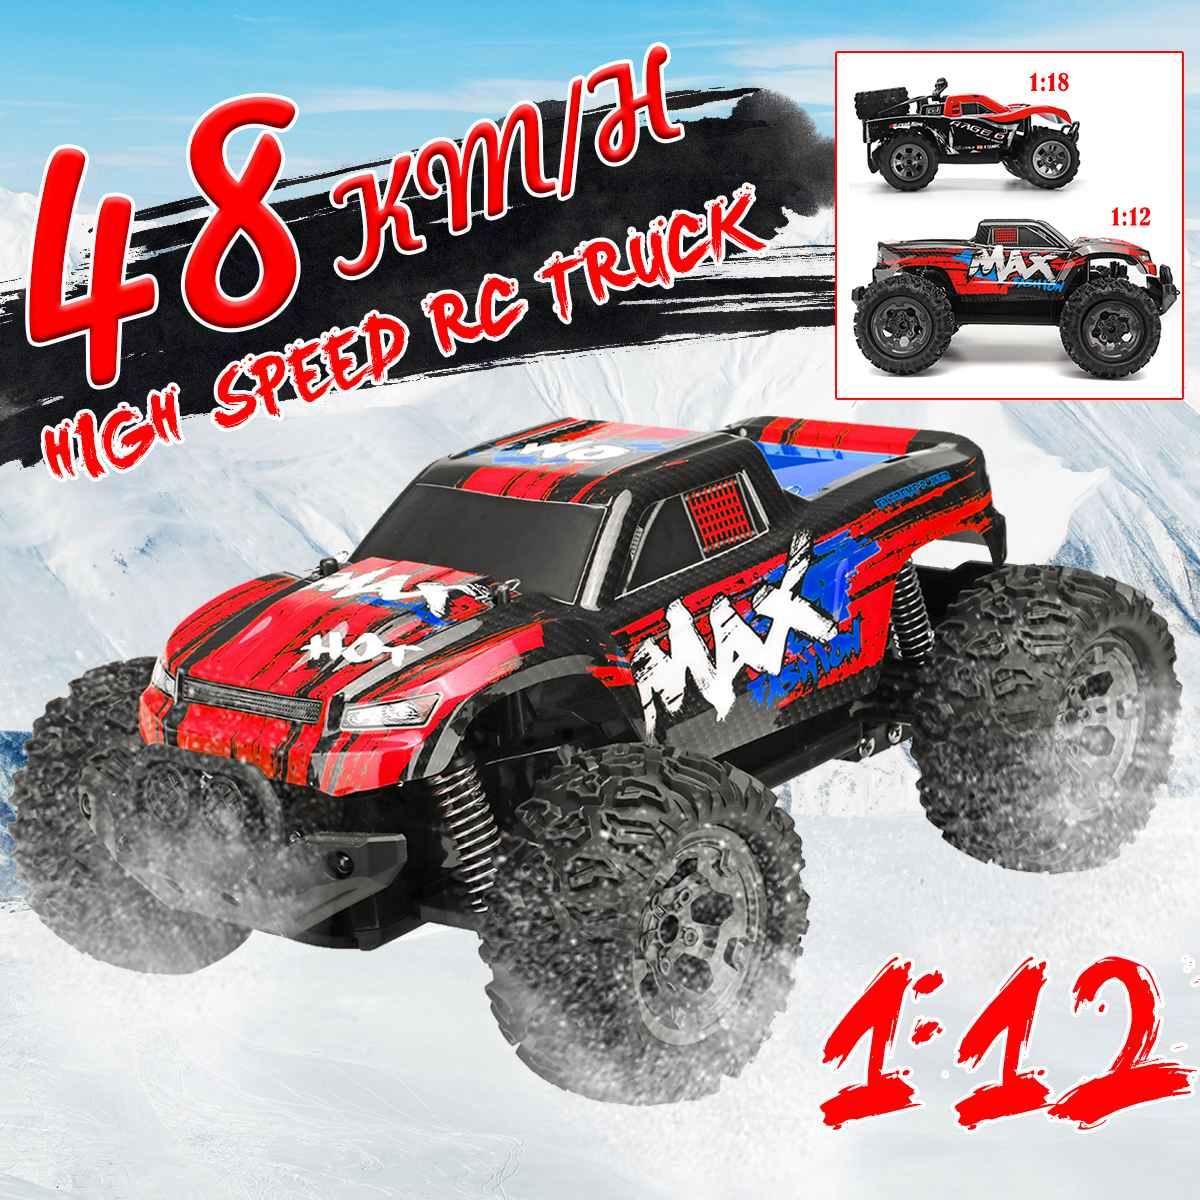 1/12 télécommande voiture haute vitesse RC électrique monstre camion voiture télécommande modèle tout-terrain véhicule pour garçons enfants 48 km/h